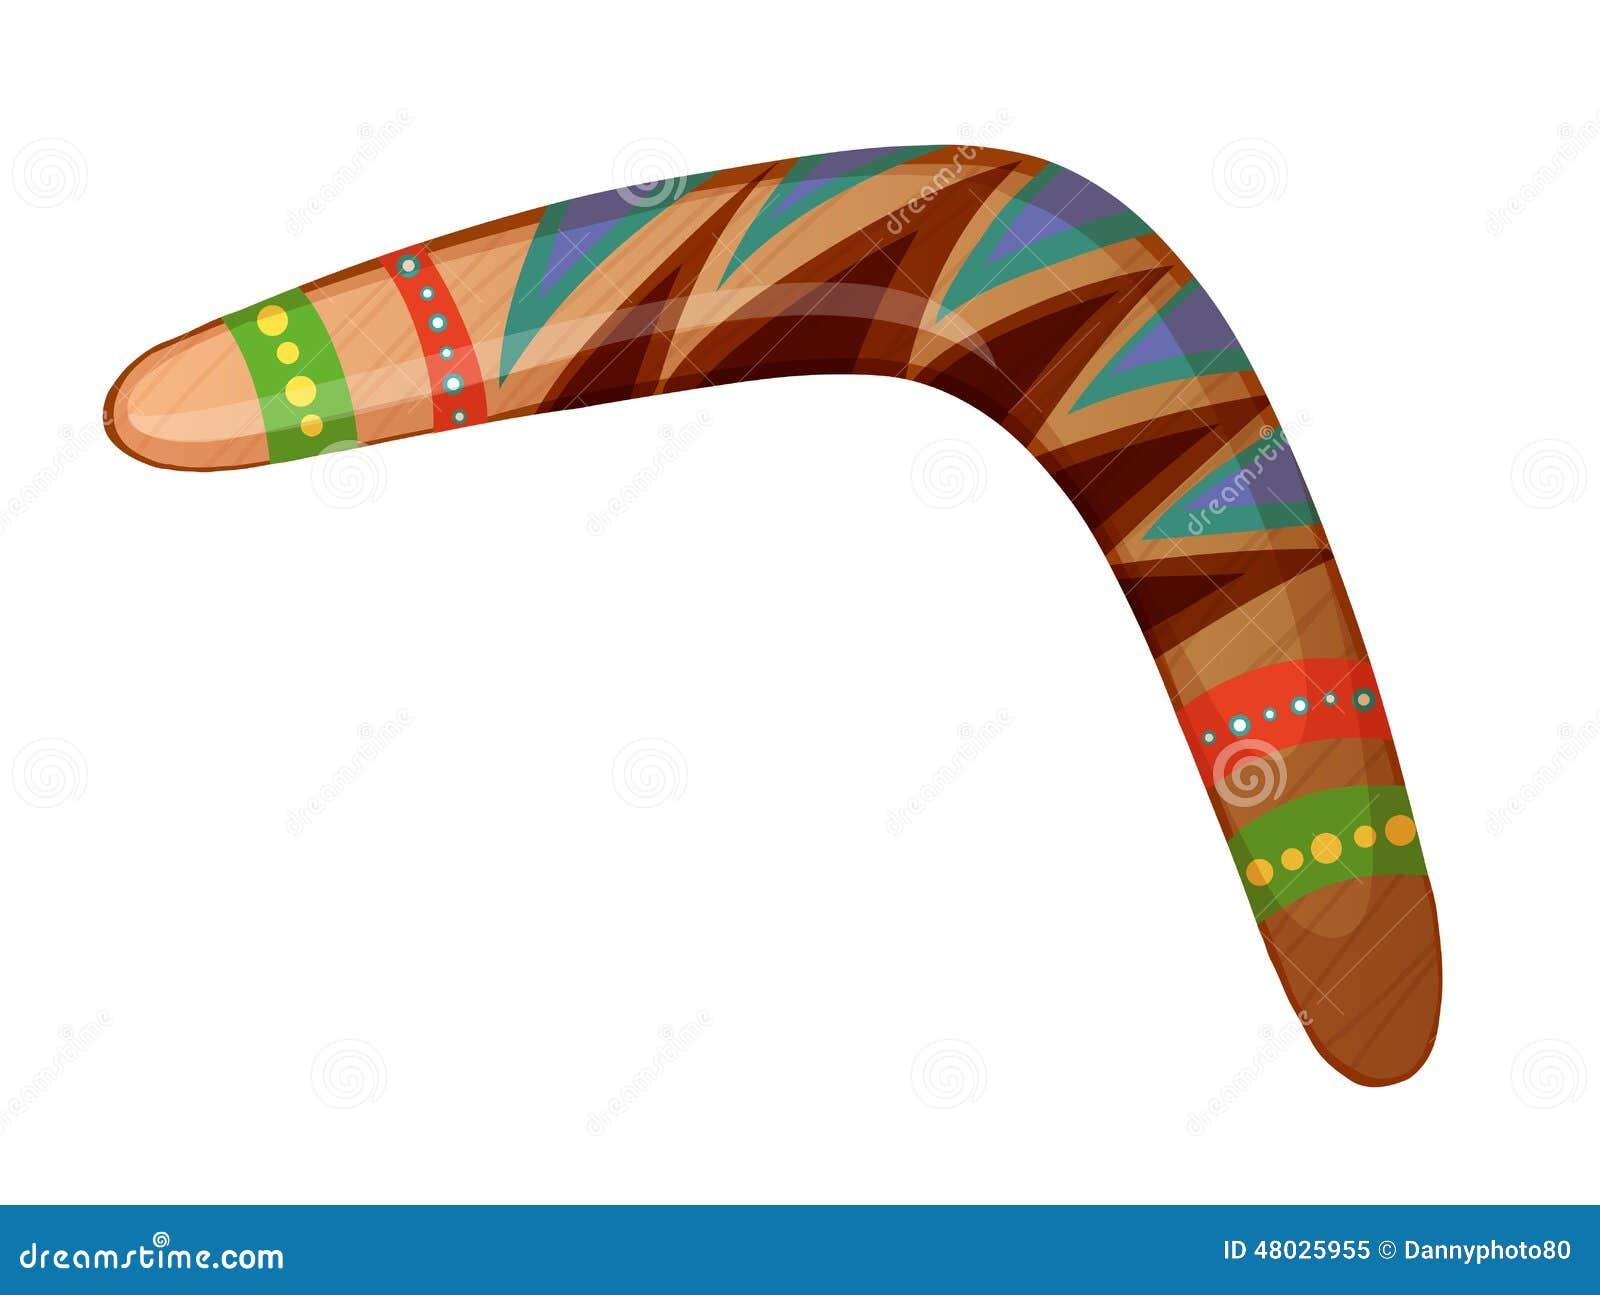 Un bumerán ilustración del vector. Ilustración de gráfico - 48025955